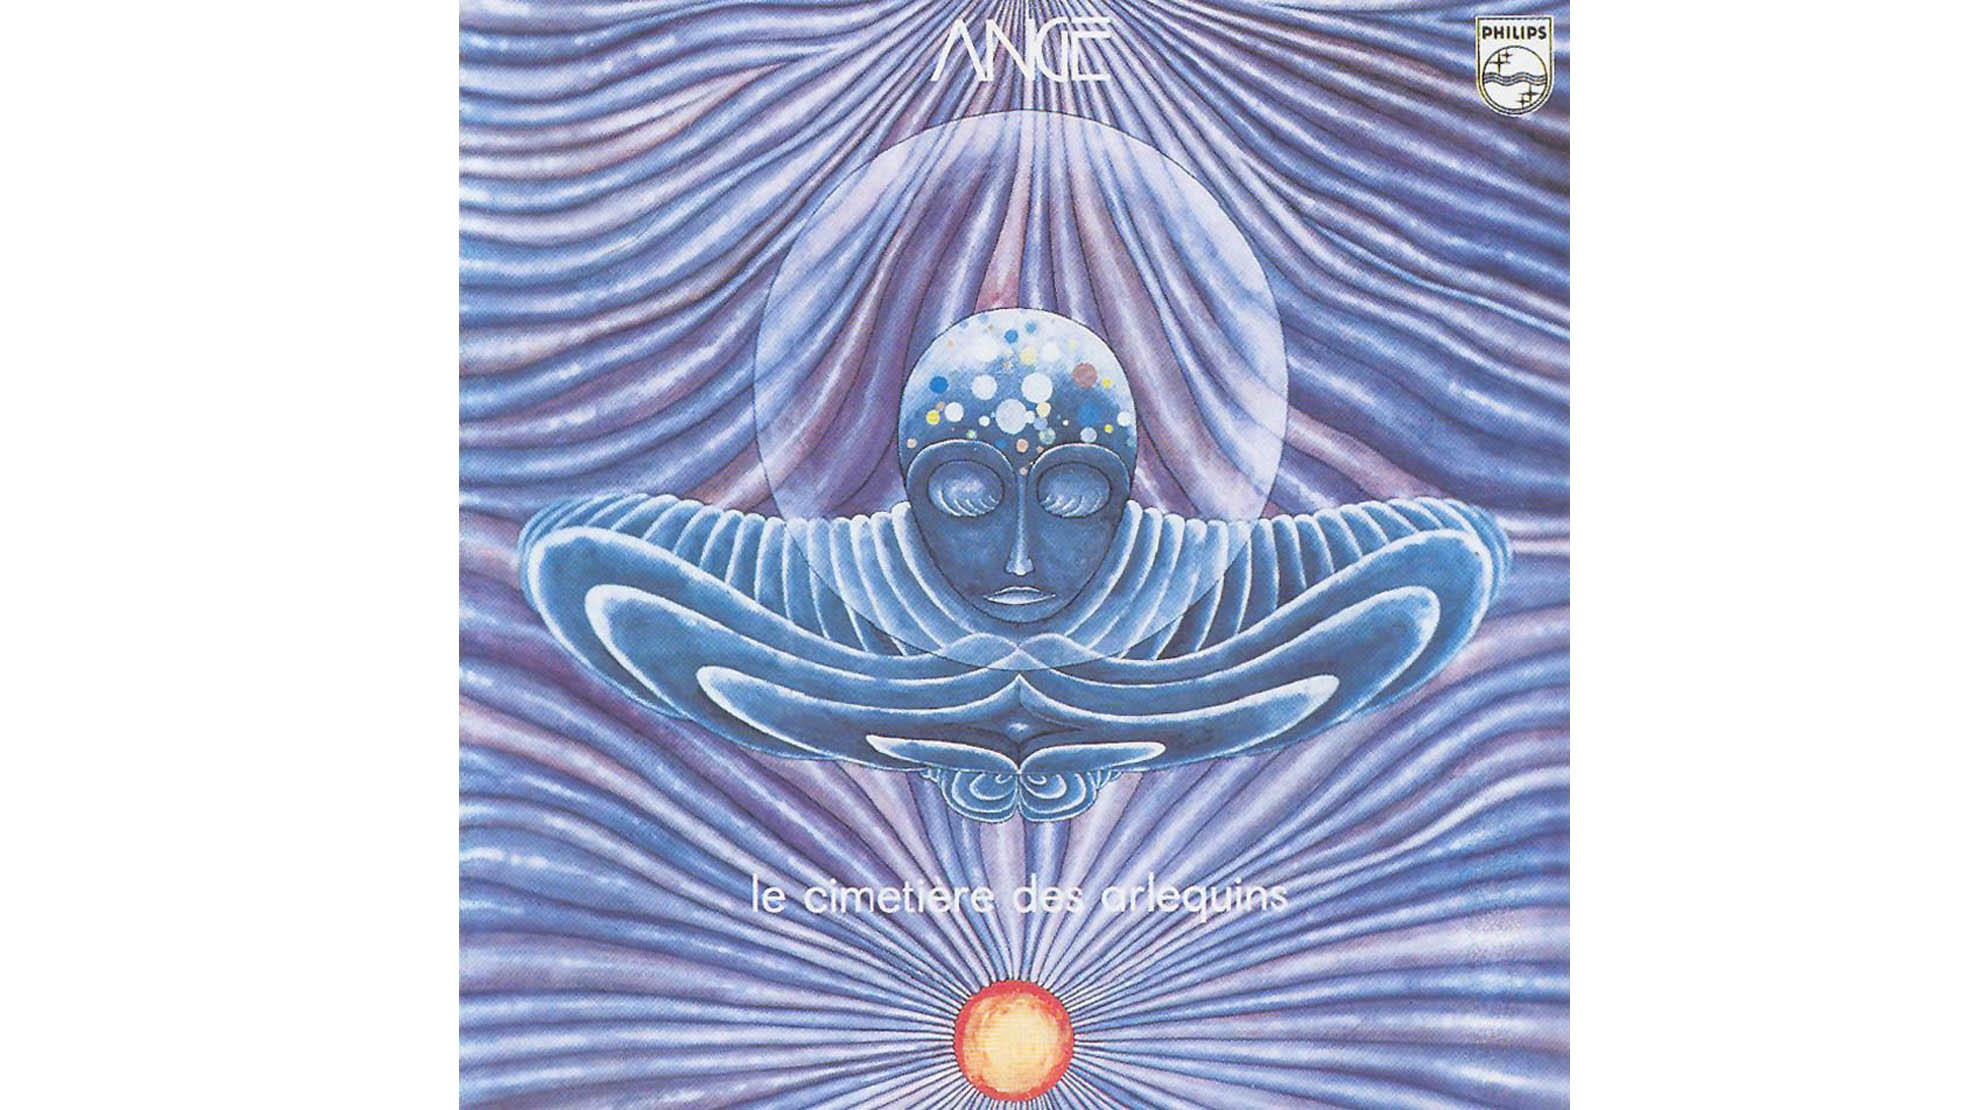 Ange • Le Cimetière des Arlequins (1973)